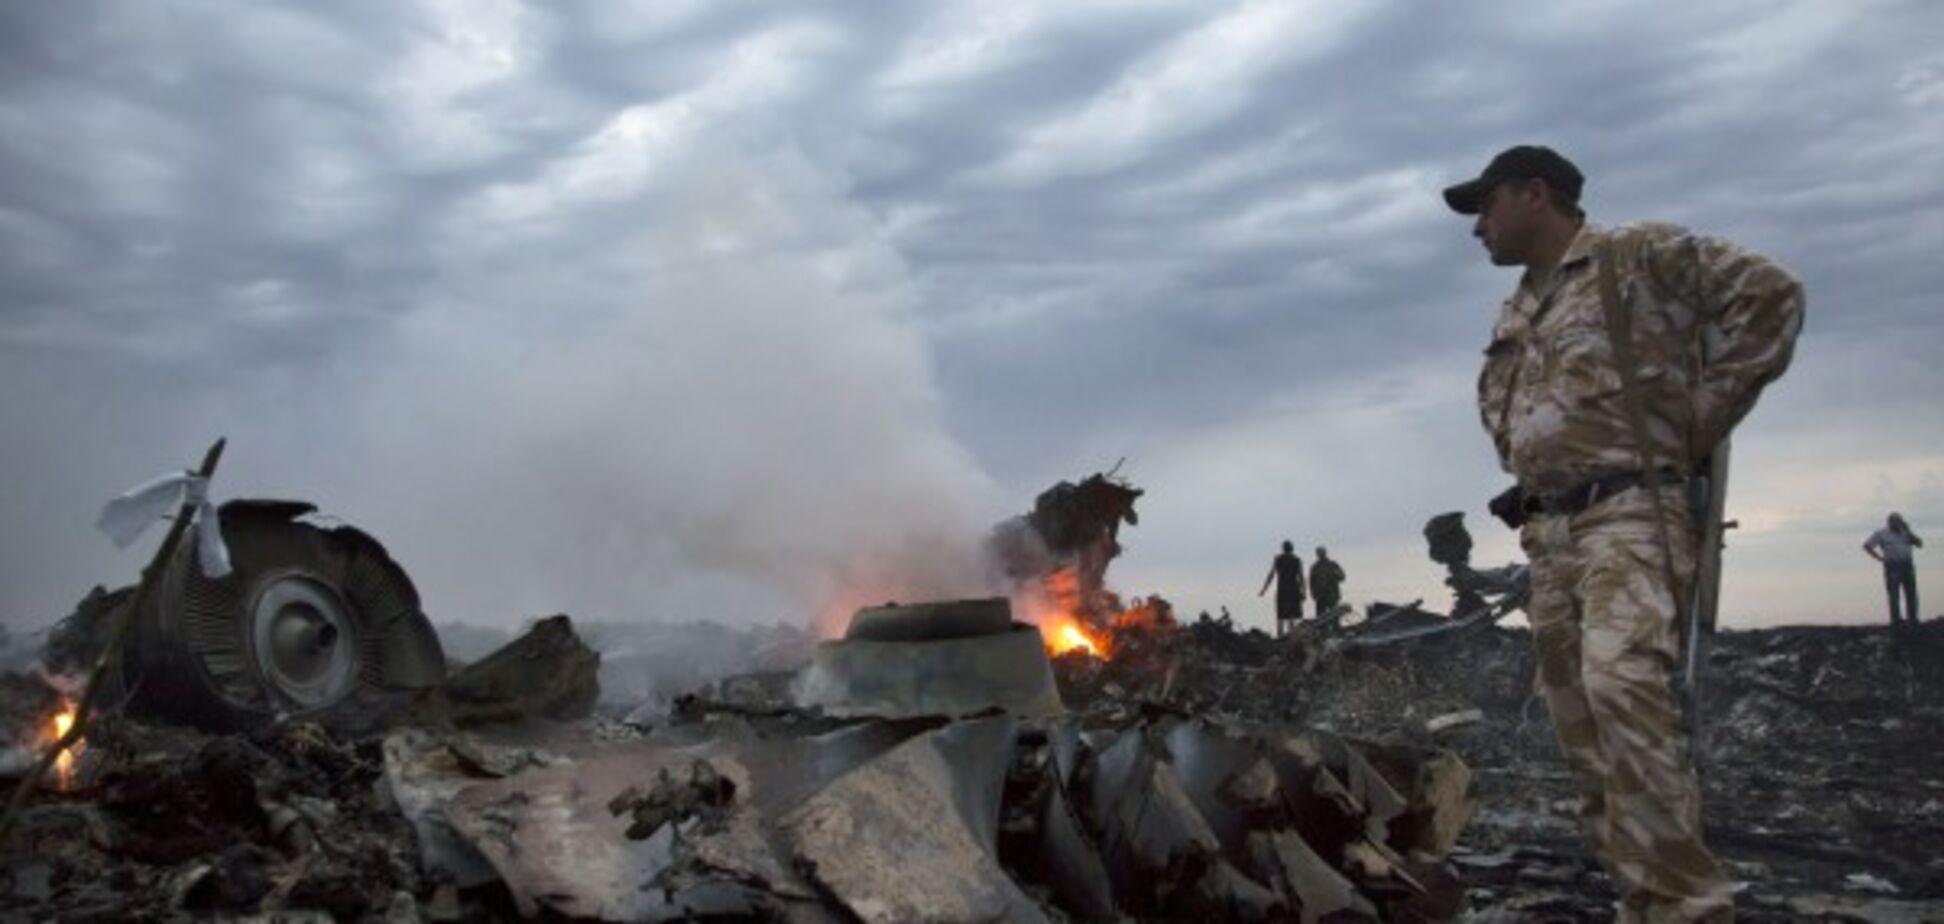 Виведення російських офіцерів з Донбасу зірвалося: терористи влаштували істерику